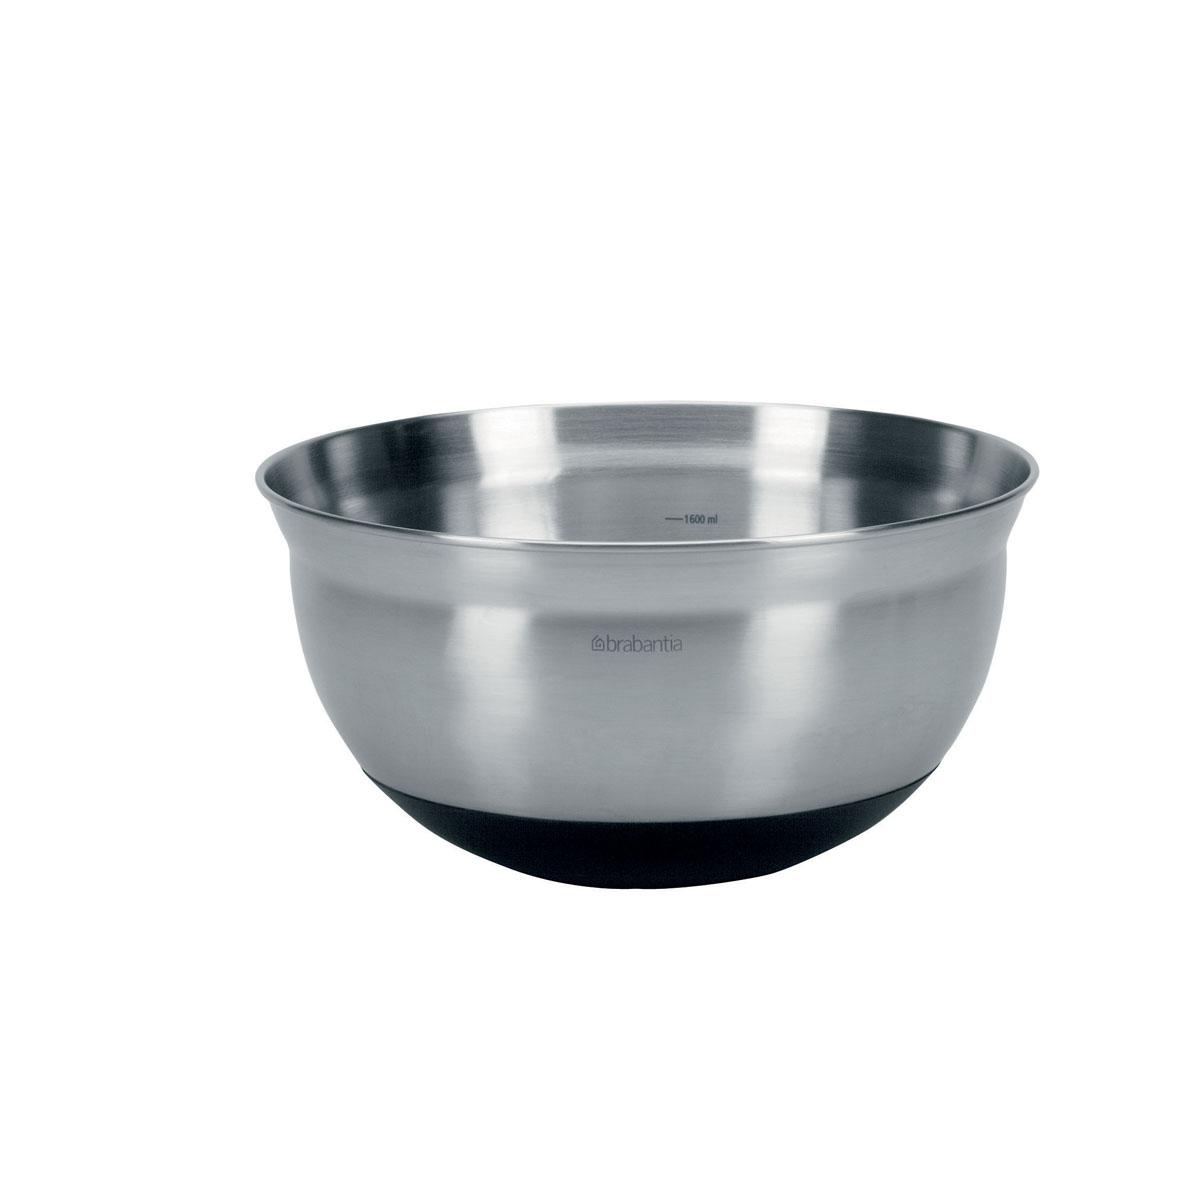 Салатник Brabantia, 1,6 л115510Салатник Brabantia изготовлен из высококачественной нержавеющей стали с матовой полировкой. Мягко изогнутые края специально разработаны для комфортного смешивания, а измерительная шкала на внутренней поверхности чаши позволит точно смешивать ингредиенты. Силиконовое основание придает миске устойчивости и предотвращает повреждение поверхности стола. Такой салатник станет достойным дополнением к кухонному инвентарю. Характеристики:Материал: нержавеющая сталь, силикон. Объем салатника: 1,6 л. Диаметр салатника по верхнему краю: 21,5 см. Высота салатника: 11 см.Гарантия производителя: 5 лет.